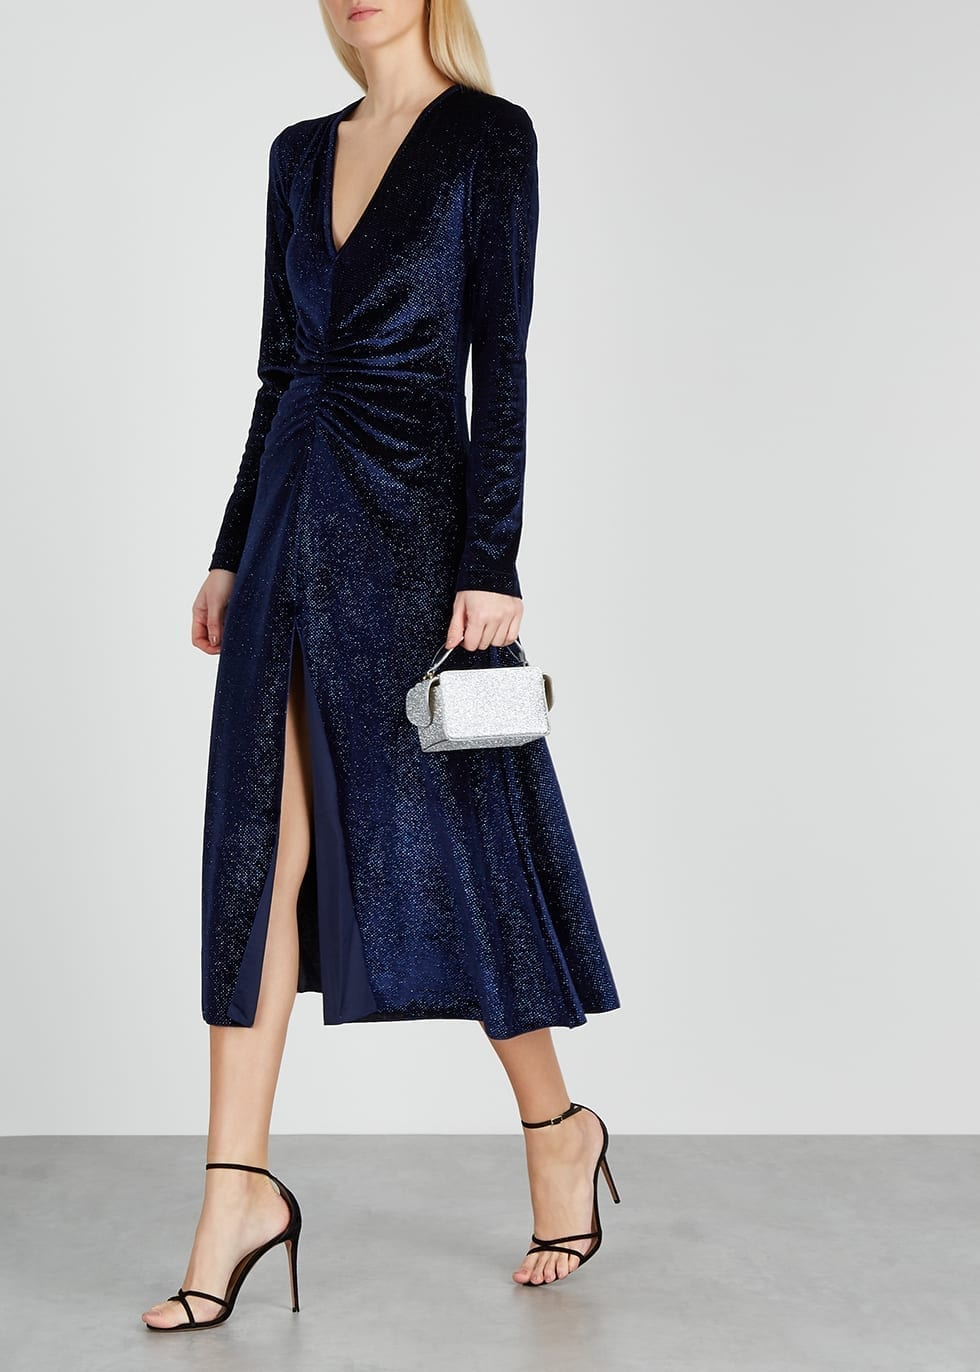 ROTATE BIRGER CHRISTENSEN Number 7 Glittered Velvet Midi Dress